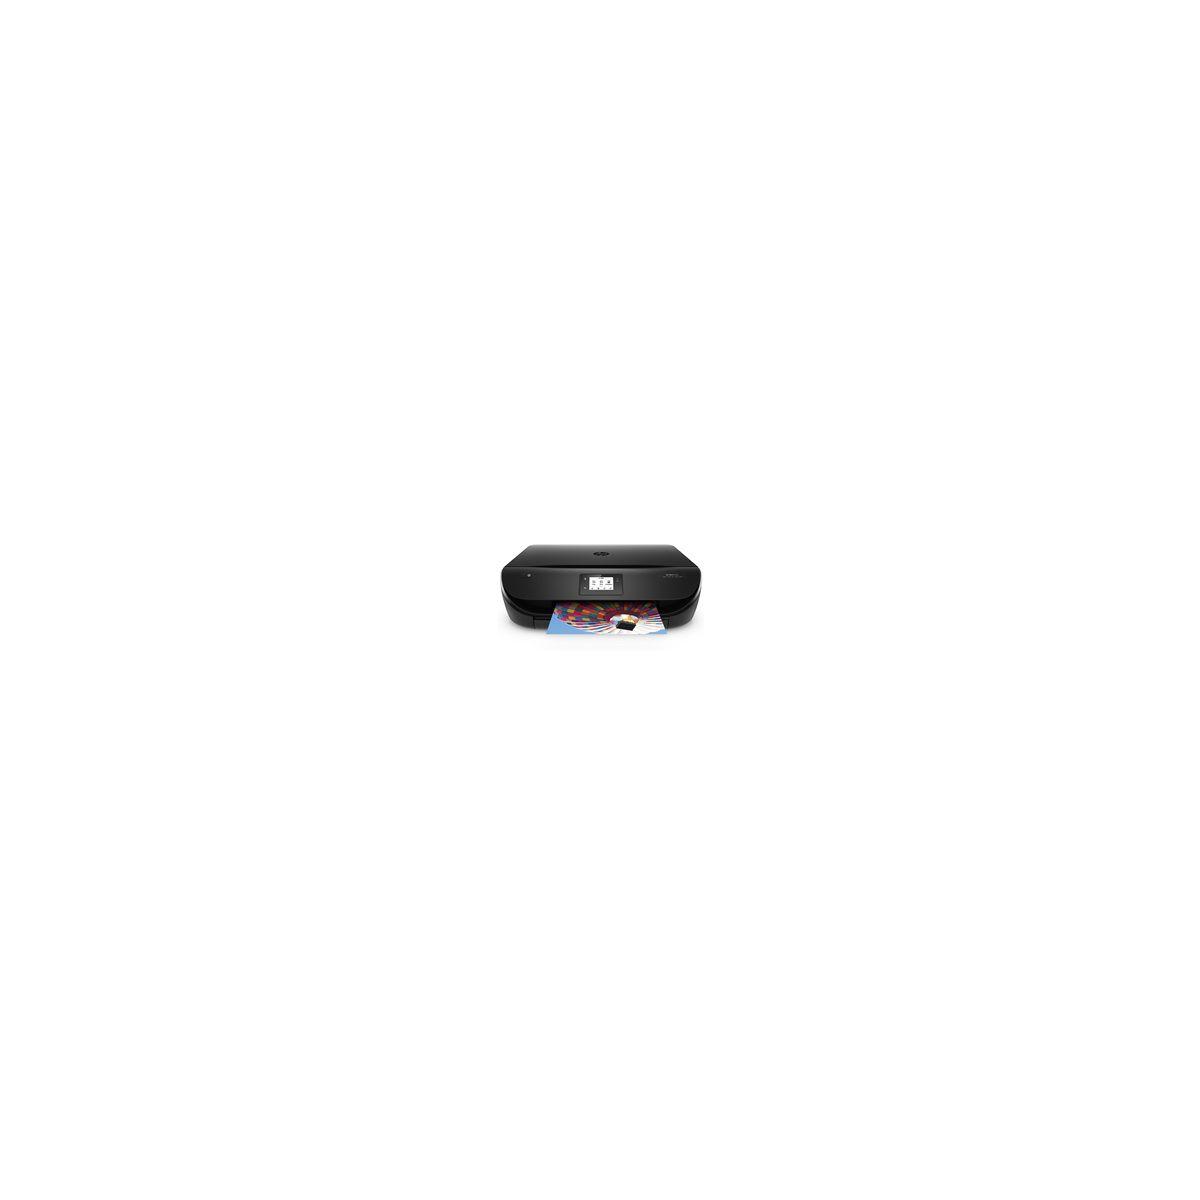 Imprimante jet d'encre HP Envy 4525 (photo)